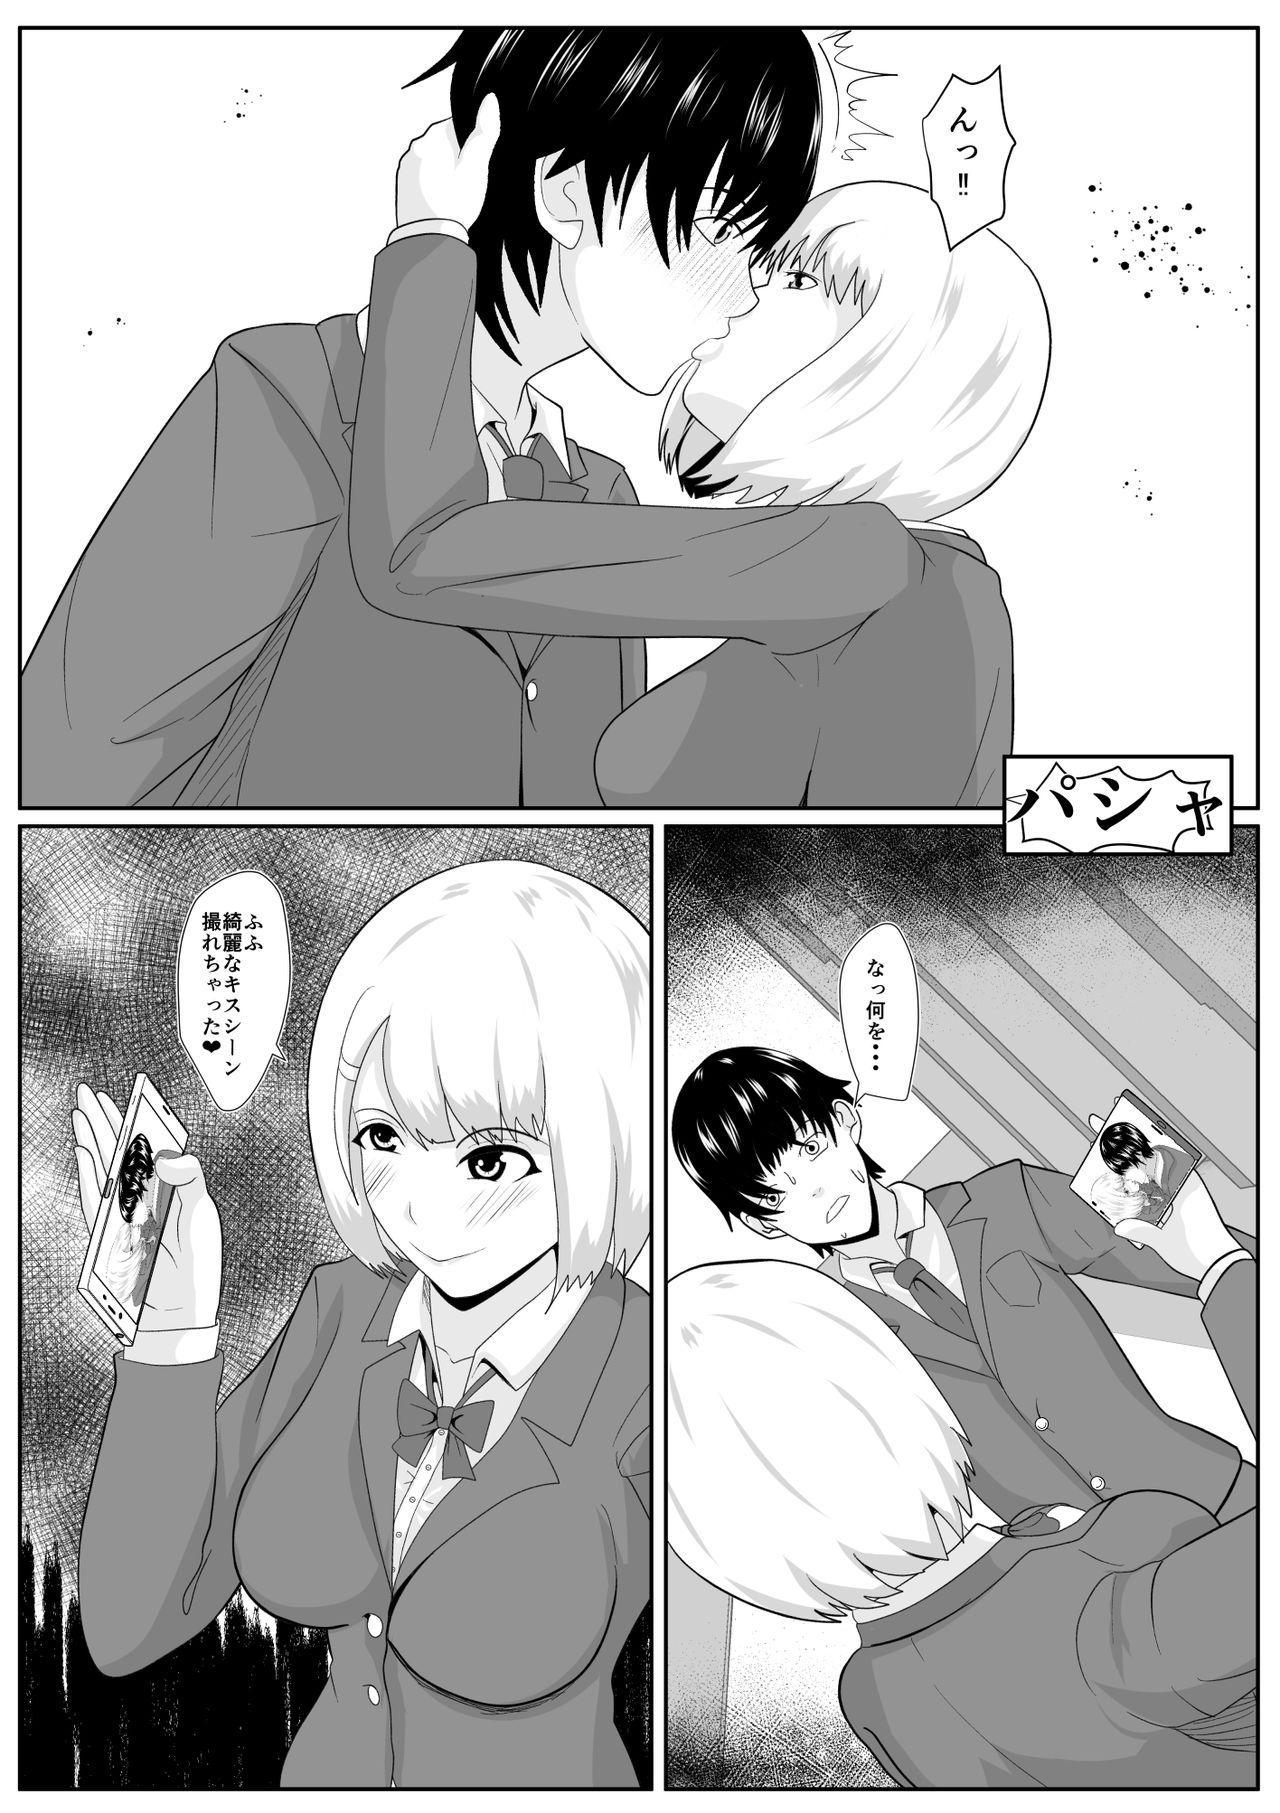 Sakasama 13